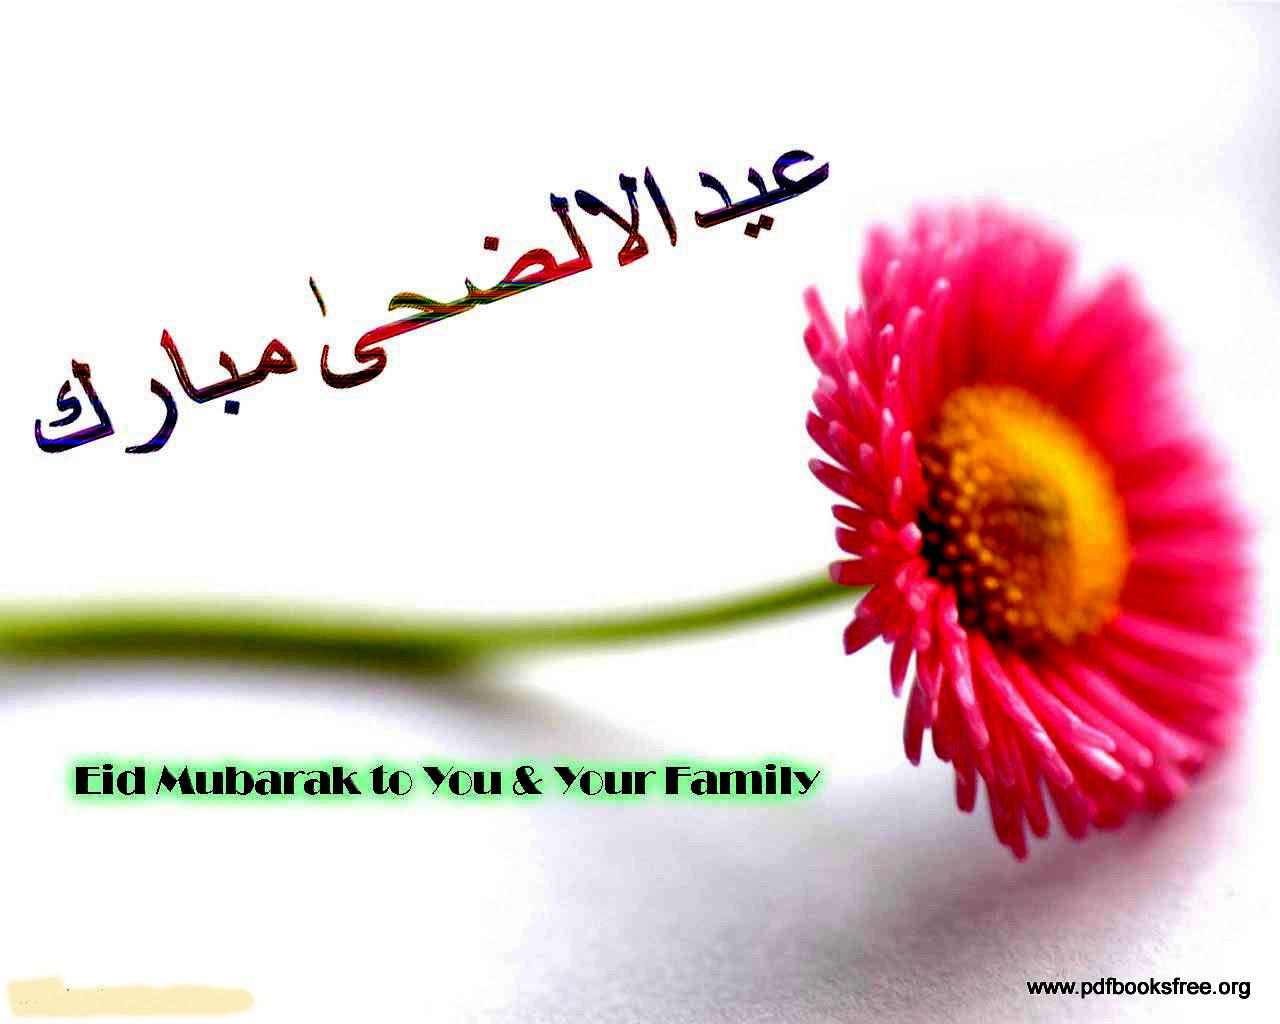 Eid Mubarak Cards, Eid ul Adha 2013 Cards (15)